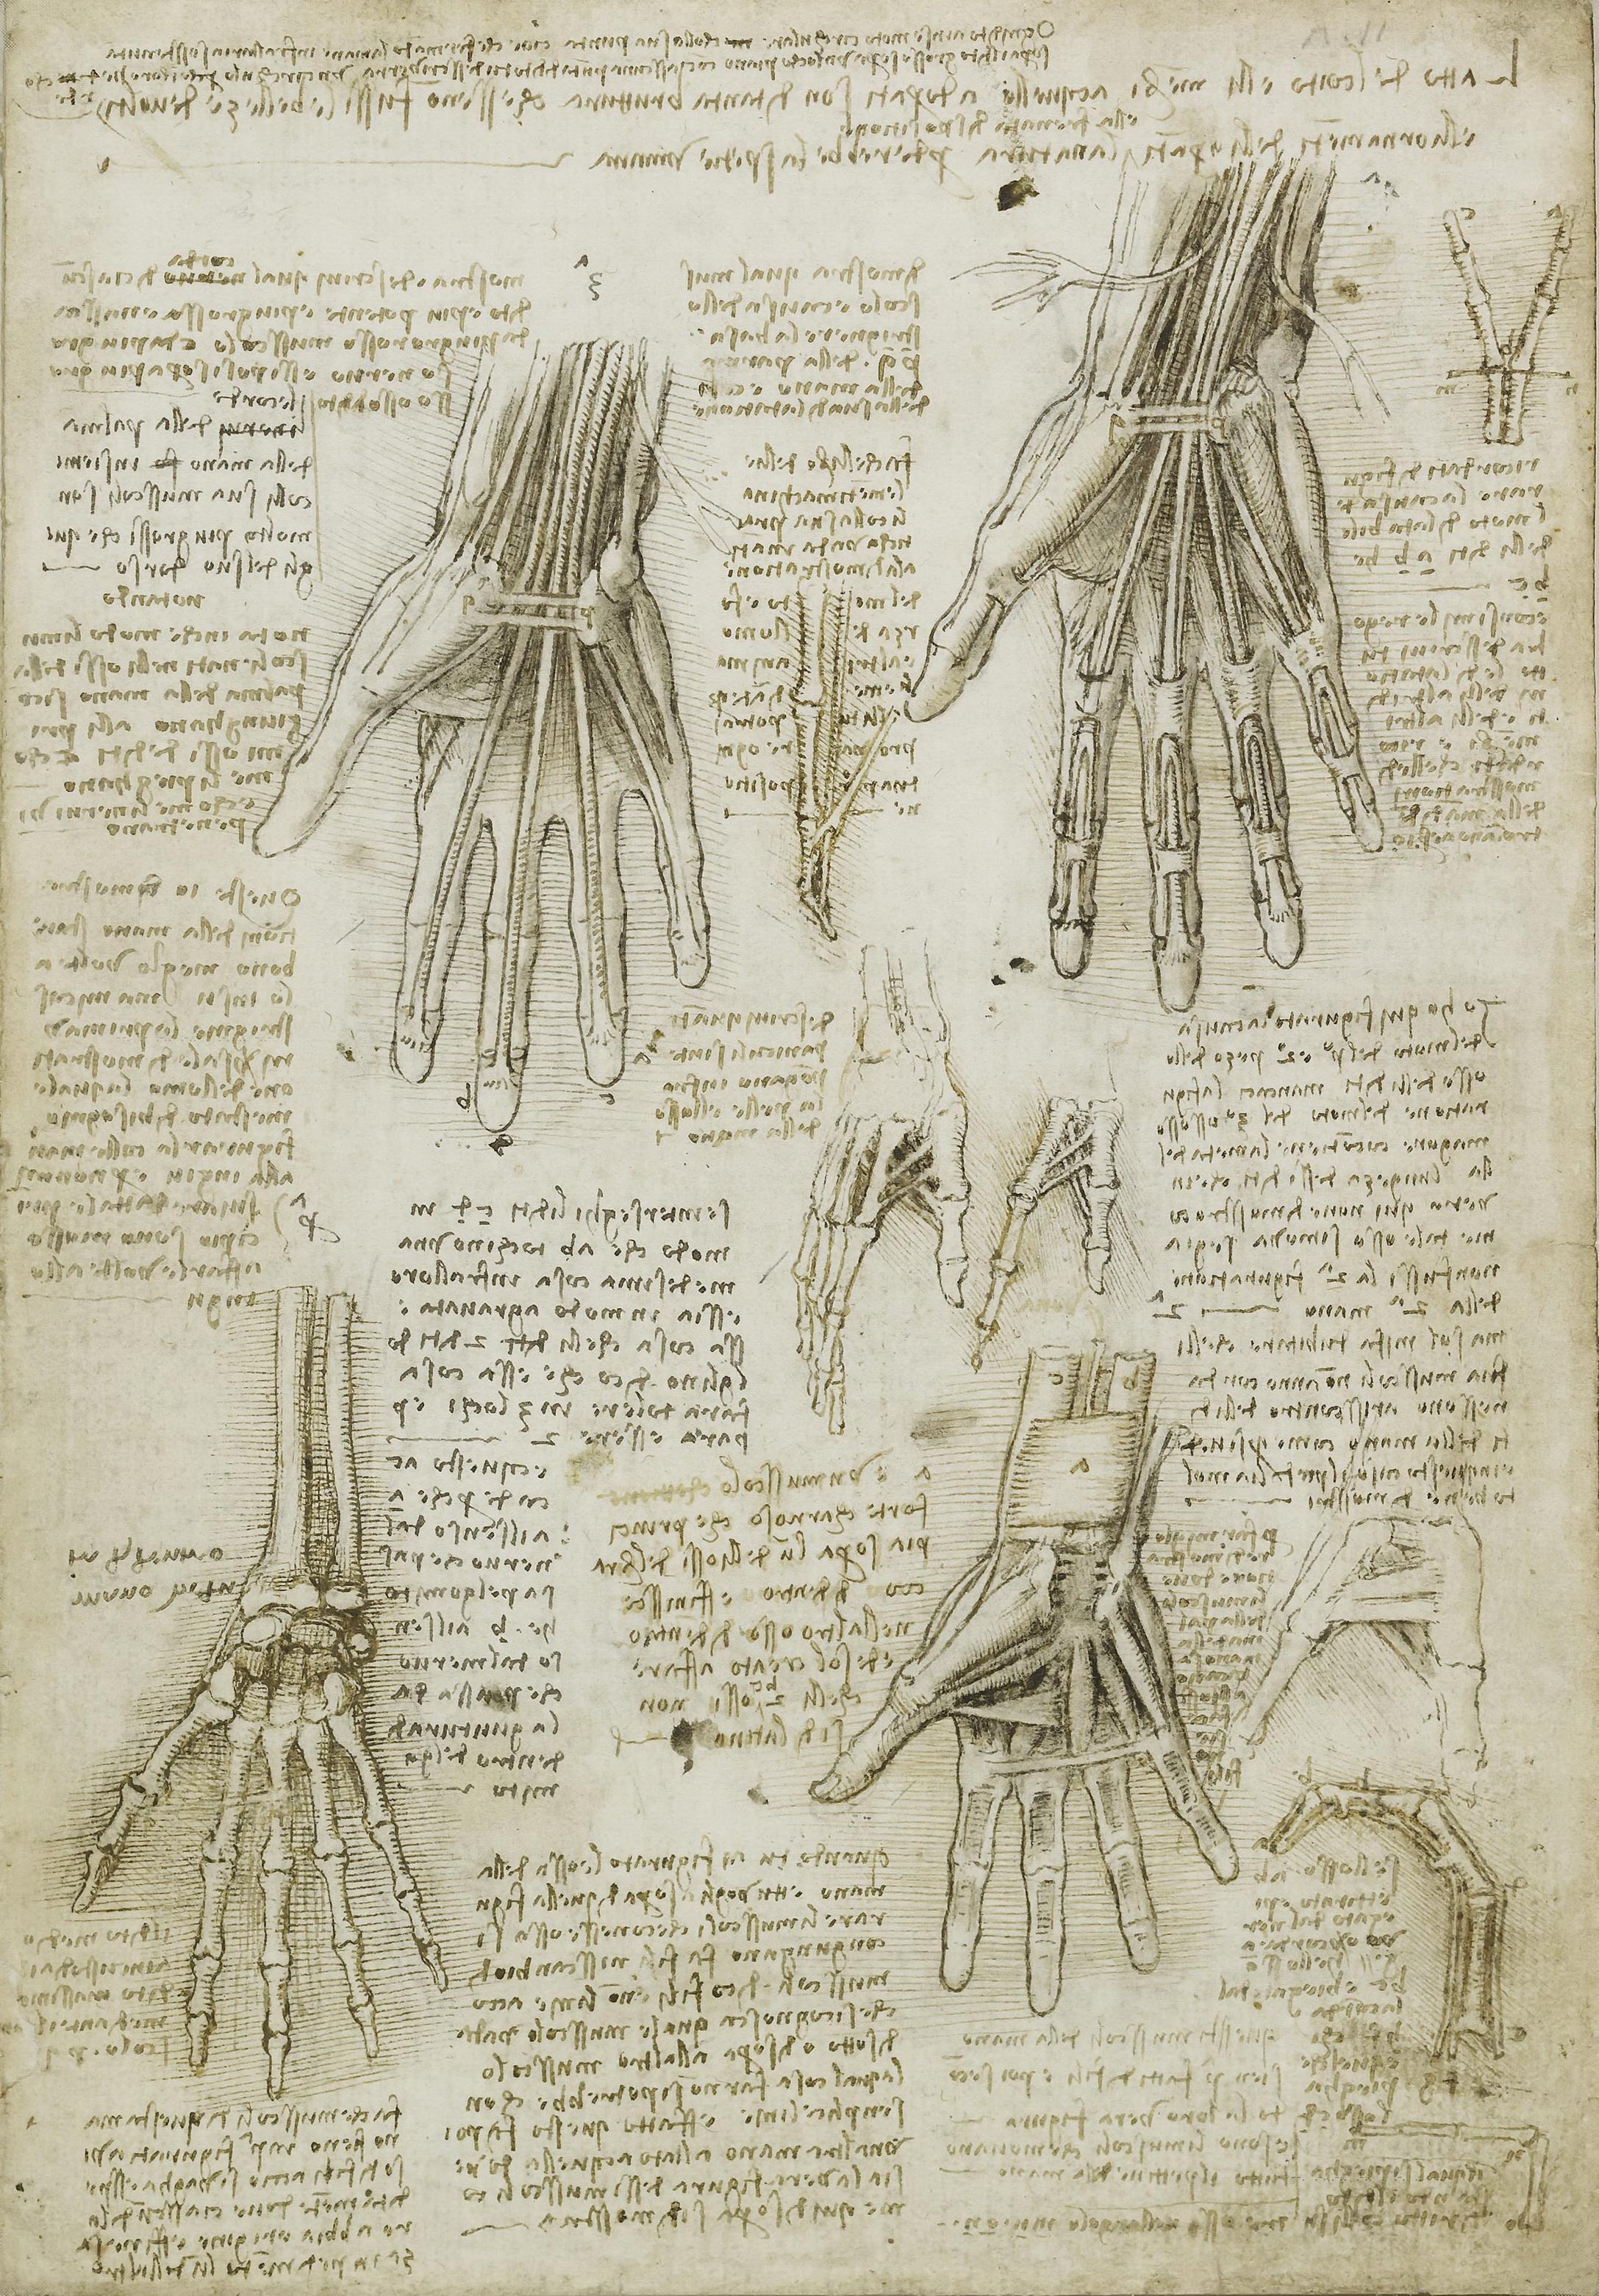 understanding the man leonardo da vinci and his scientific observations